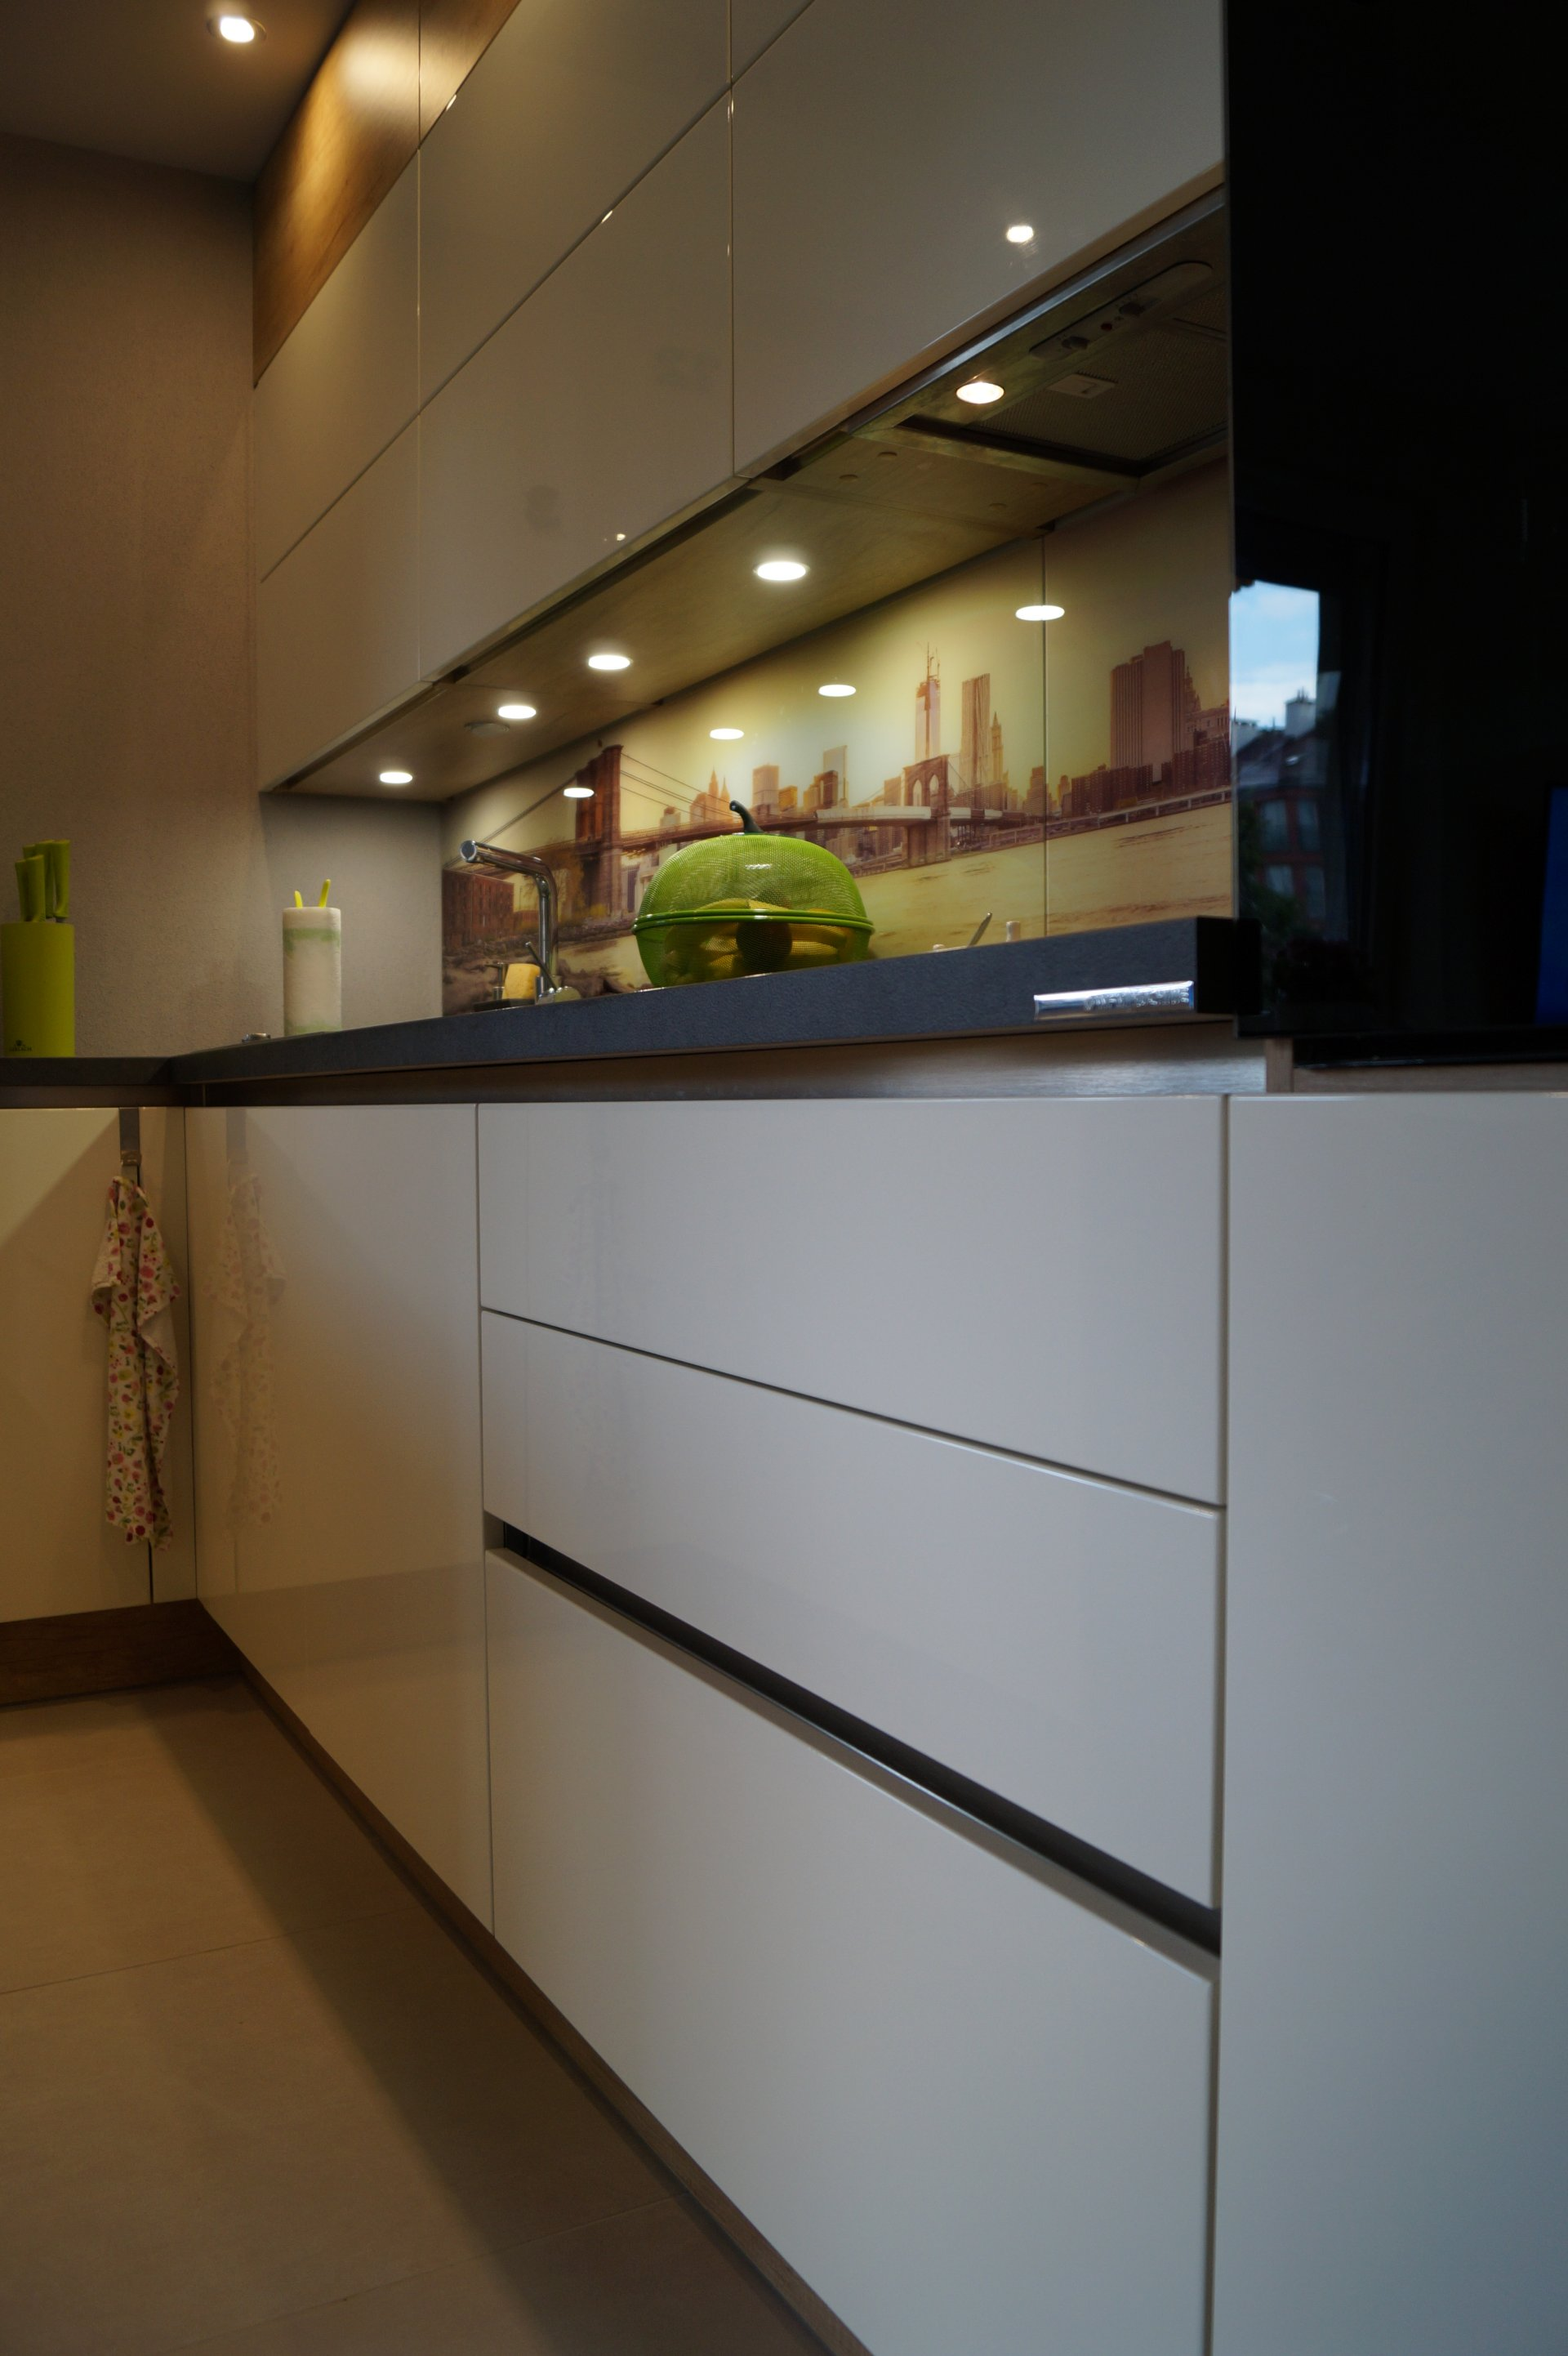 Kuchnia WFM Punto Nebraska | Calma biały połysk w systemie bezuchwytowym - Kuchnie na wymiar Kraków, meble kuchenne Kraków | WFM Kuchnie Kraków